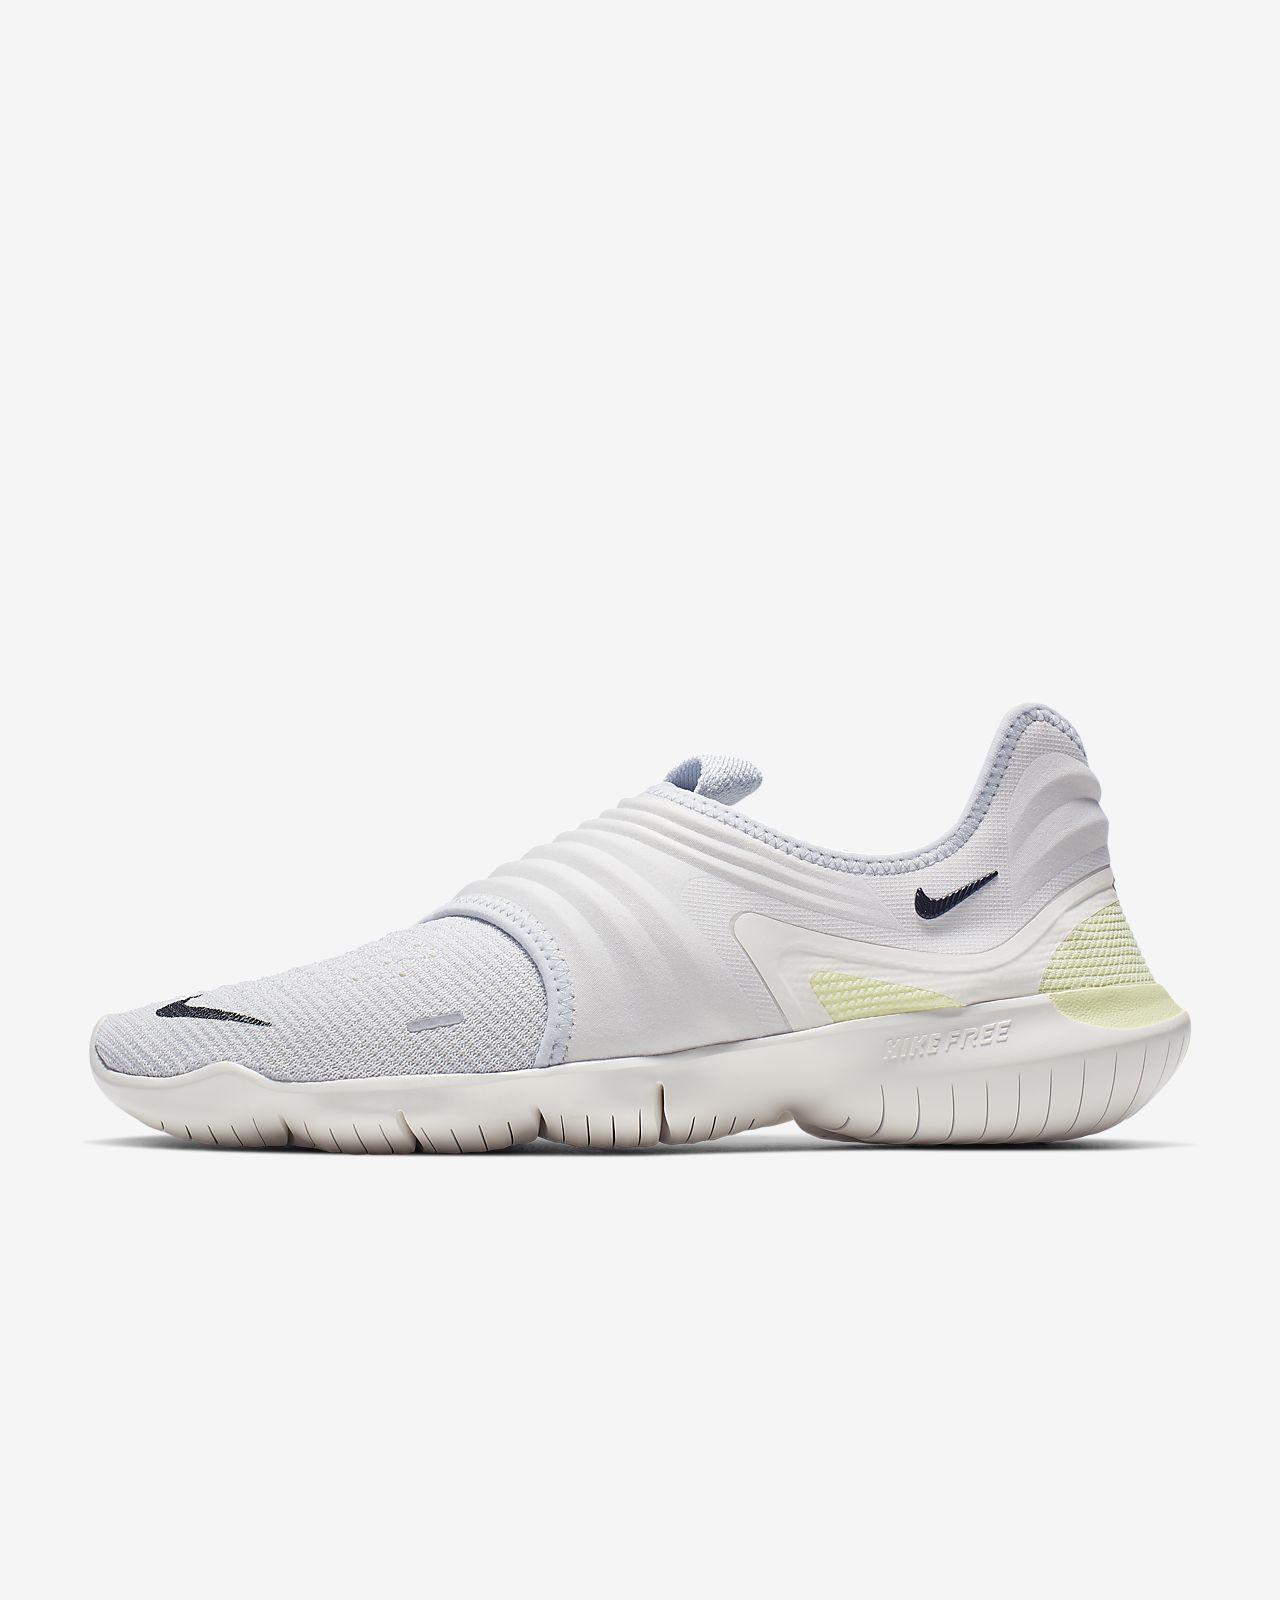 low priced cde83 9e711 ... Löparsko Nike Free RN Flyknit 3.0 för män